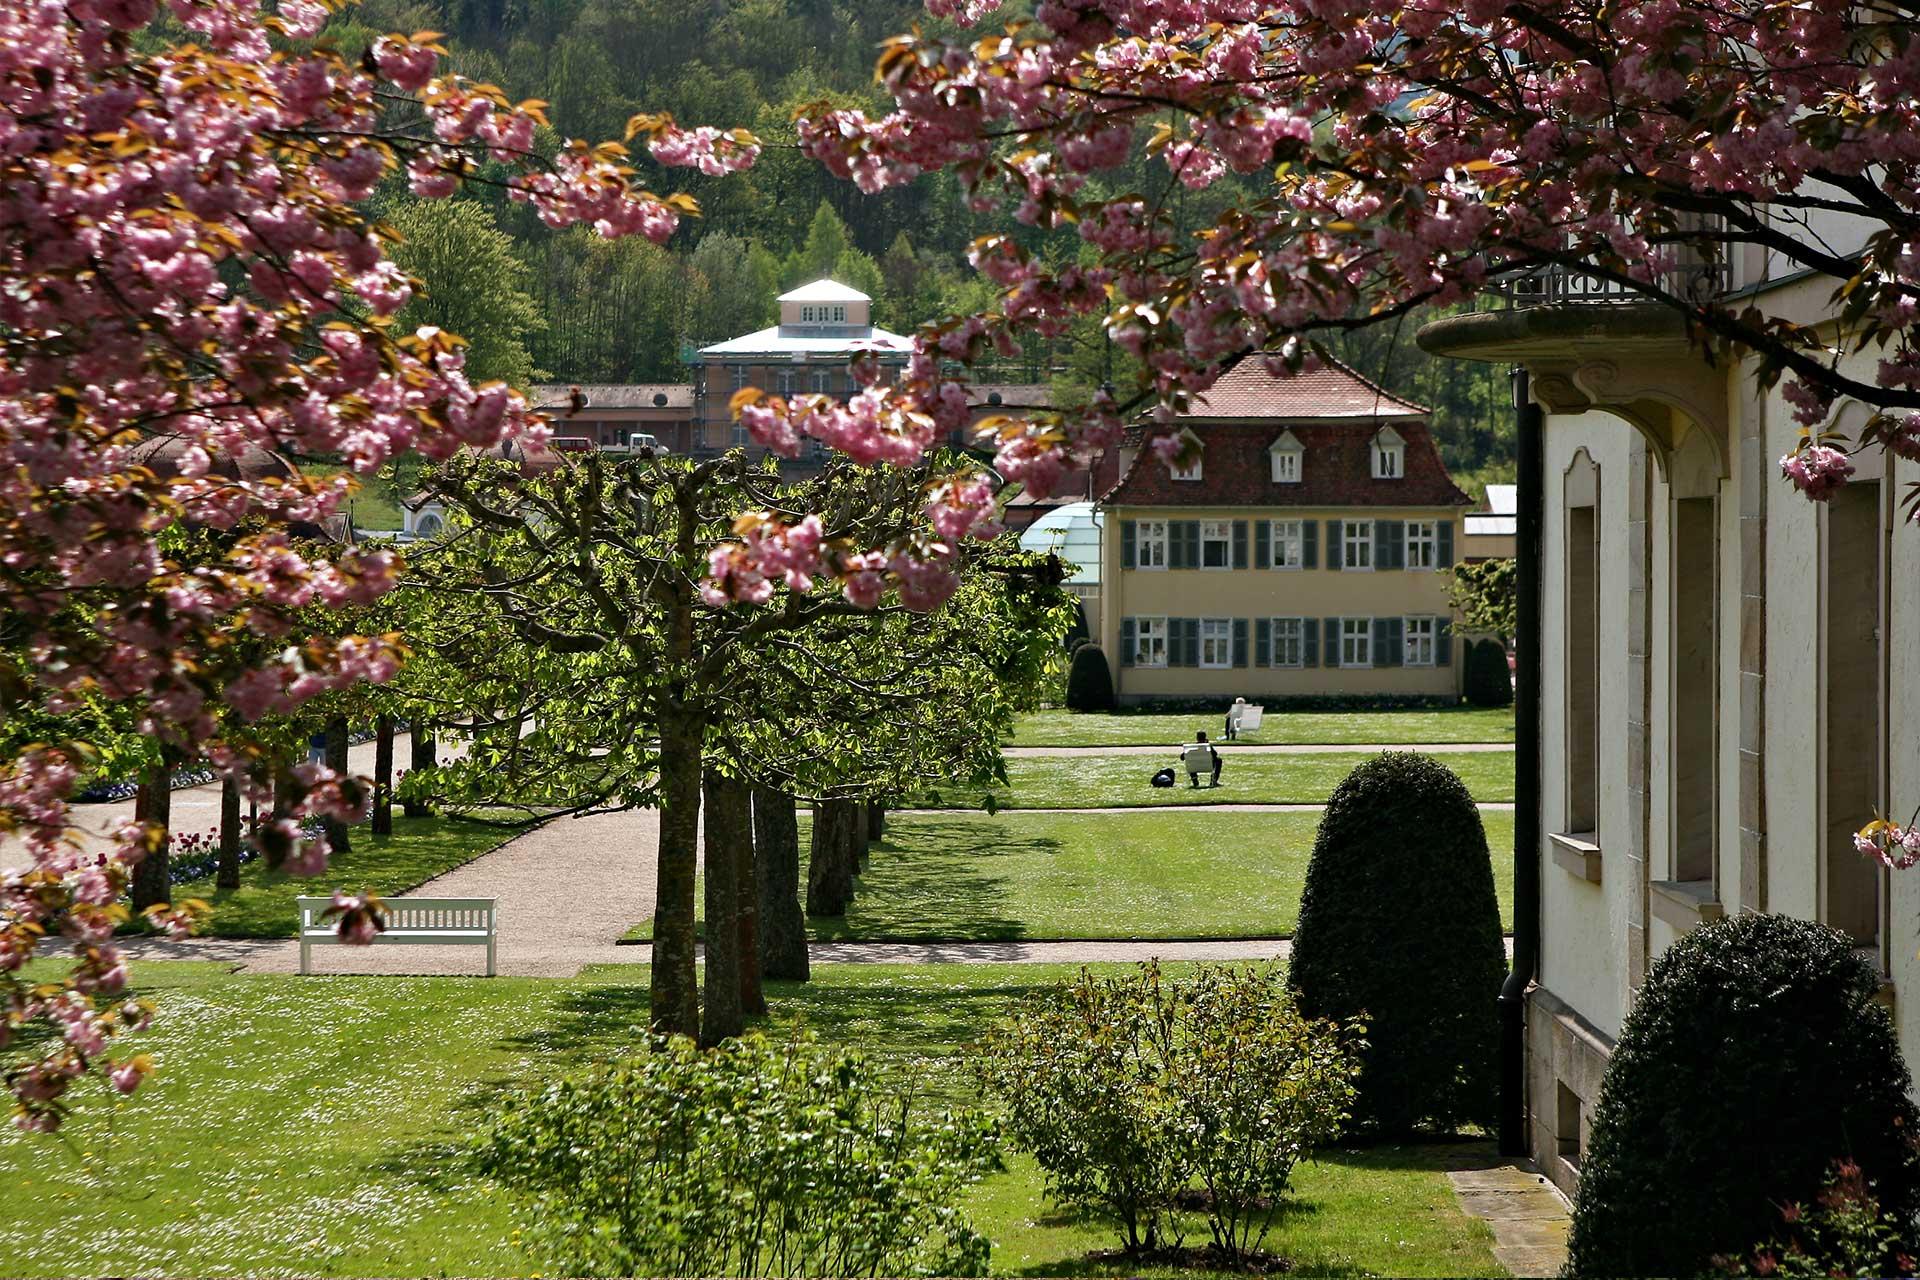 Badhotel Bad Brückenau Im Herzen Des Idyllischen Kurparks